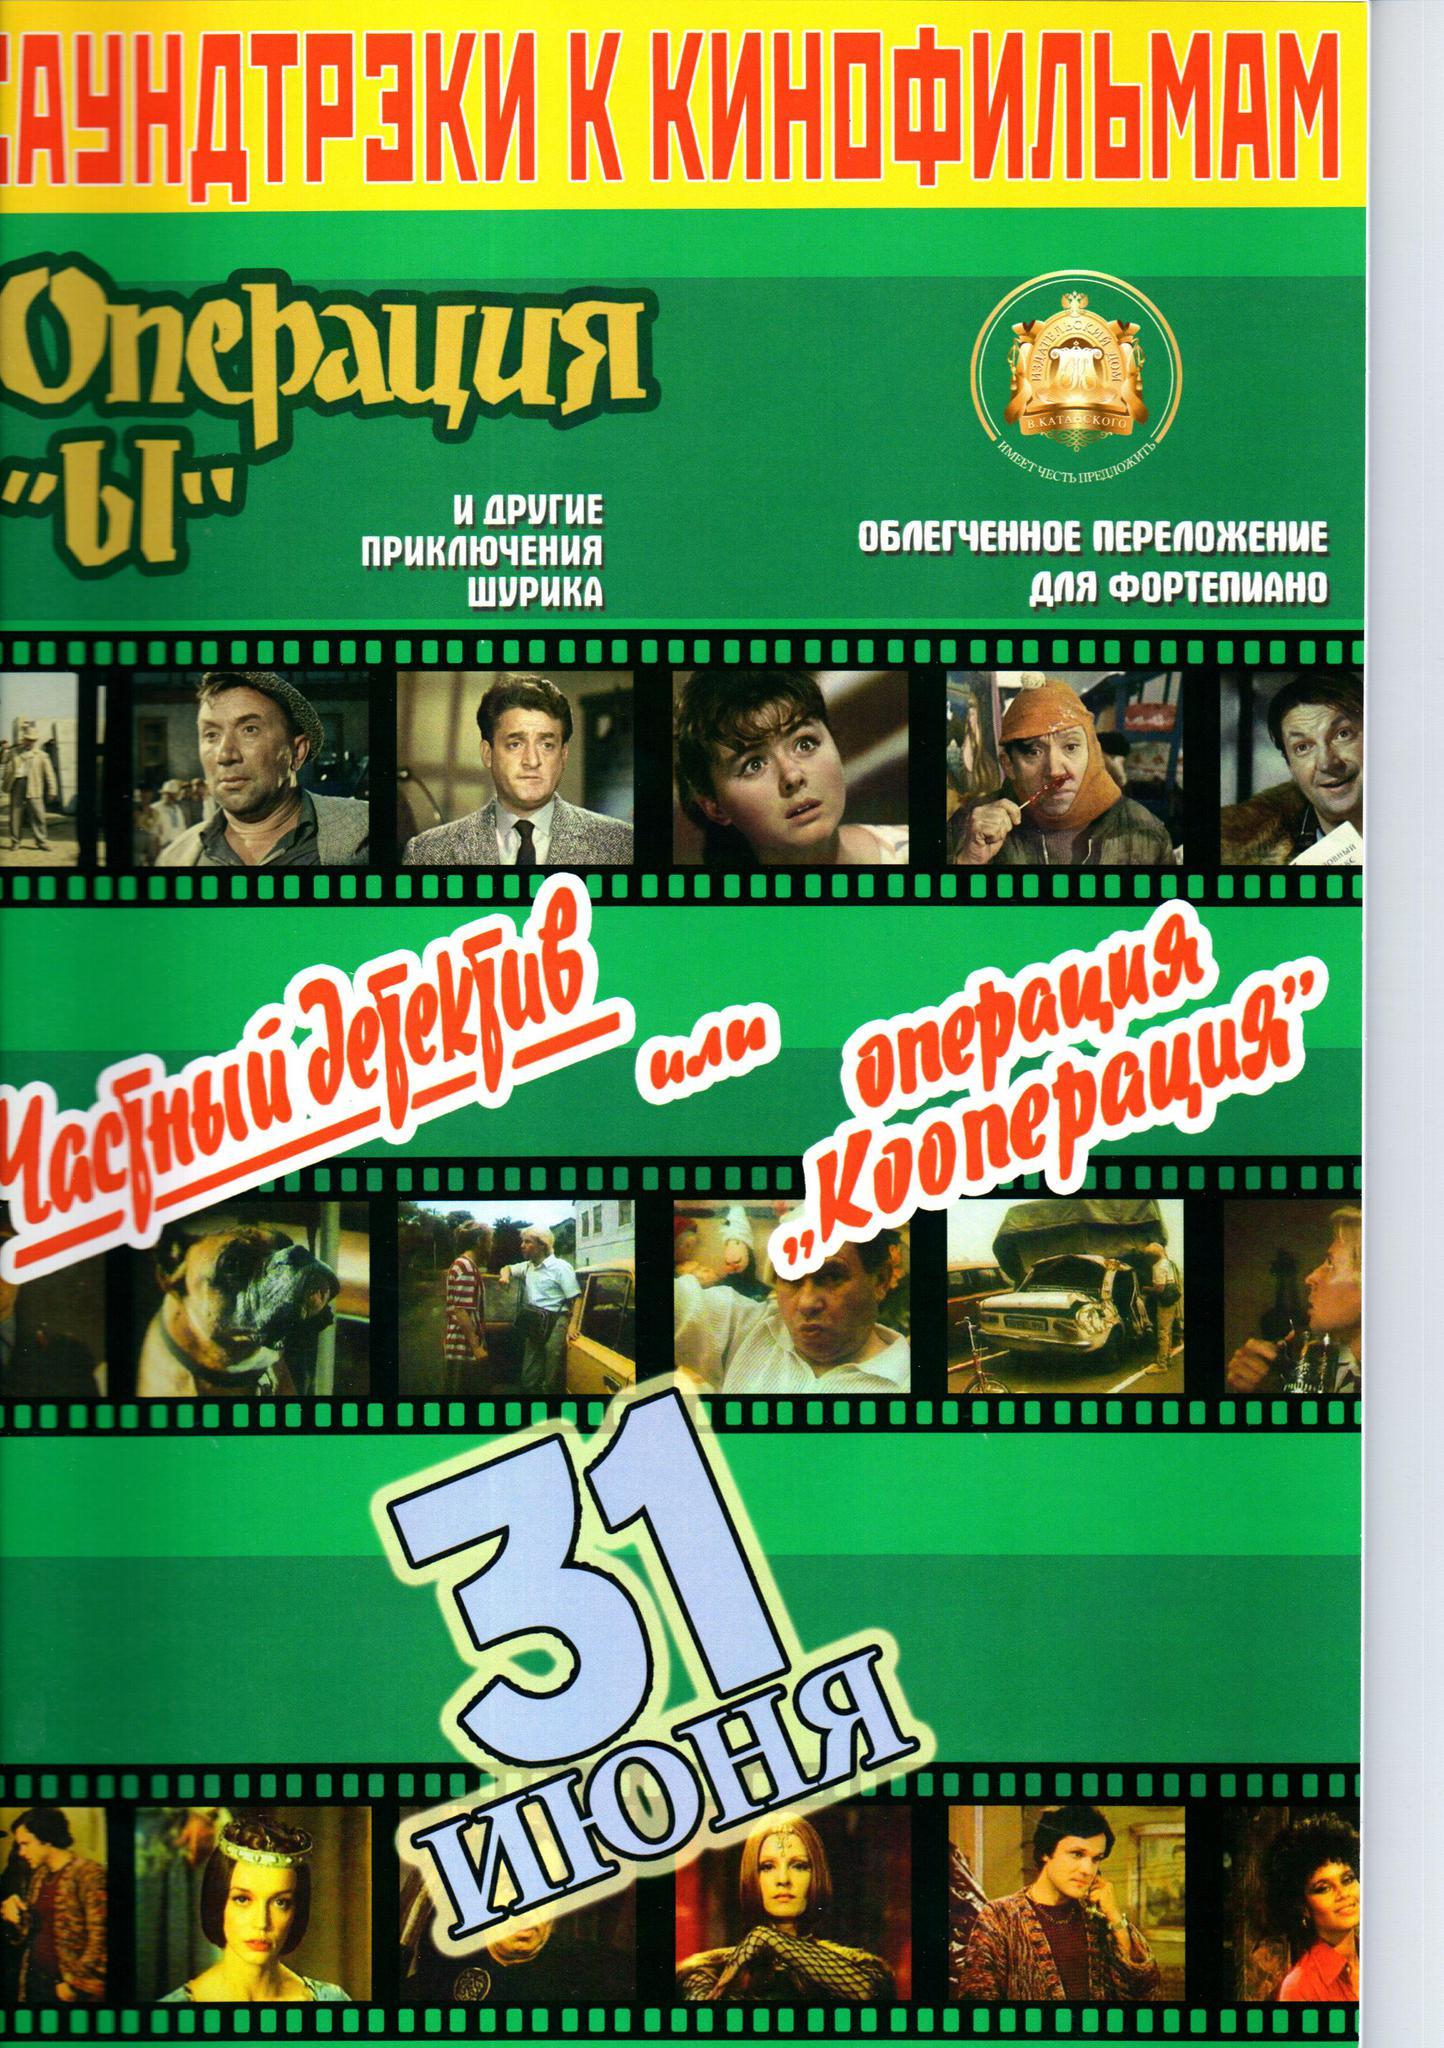 Саундтреки к фильмам, Операция Ы и другие приключения Шурика, 31 июня, Операция Кооперация.